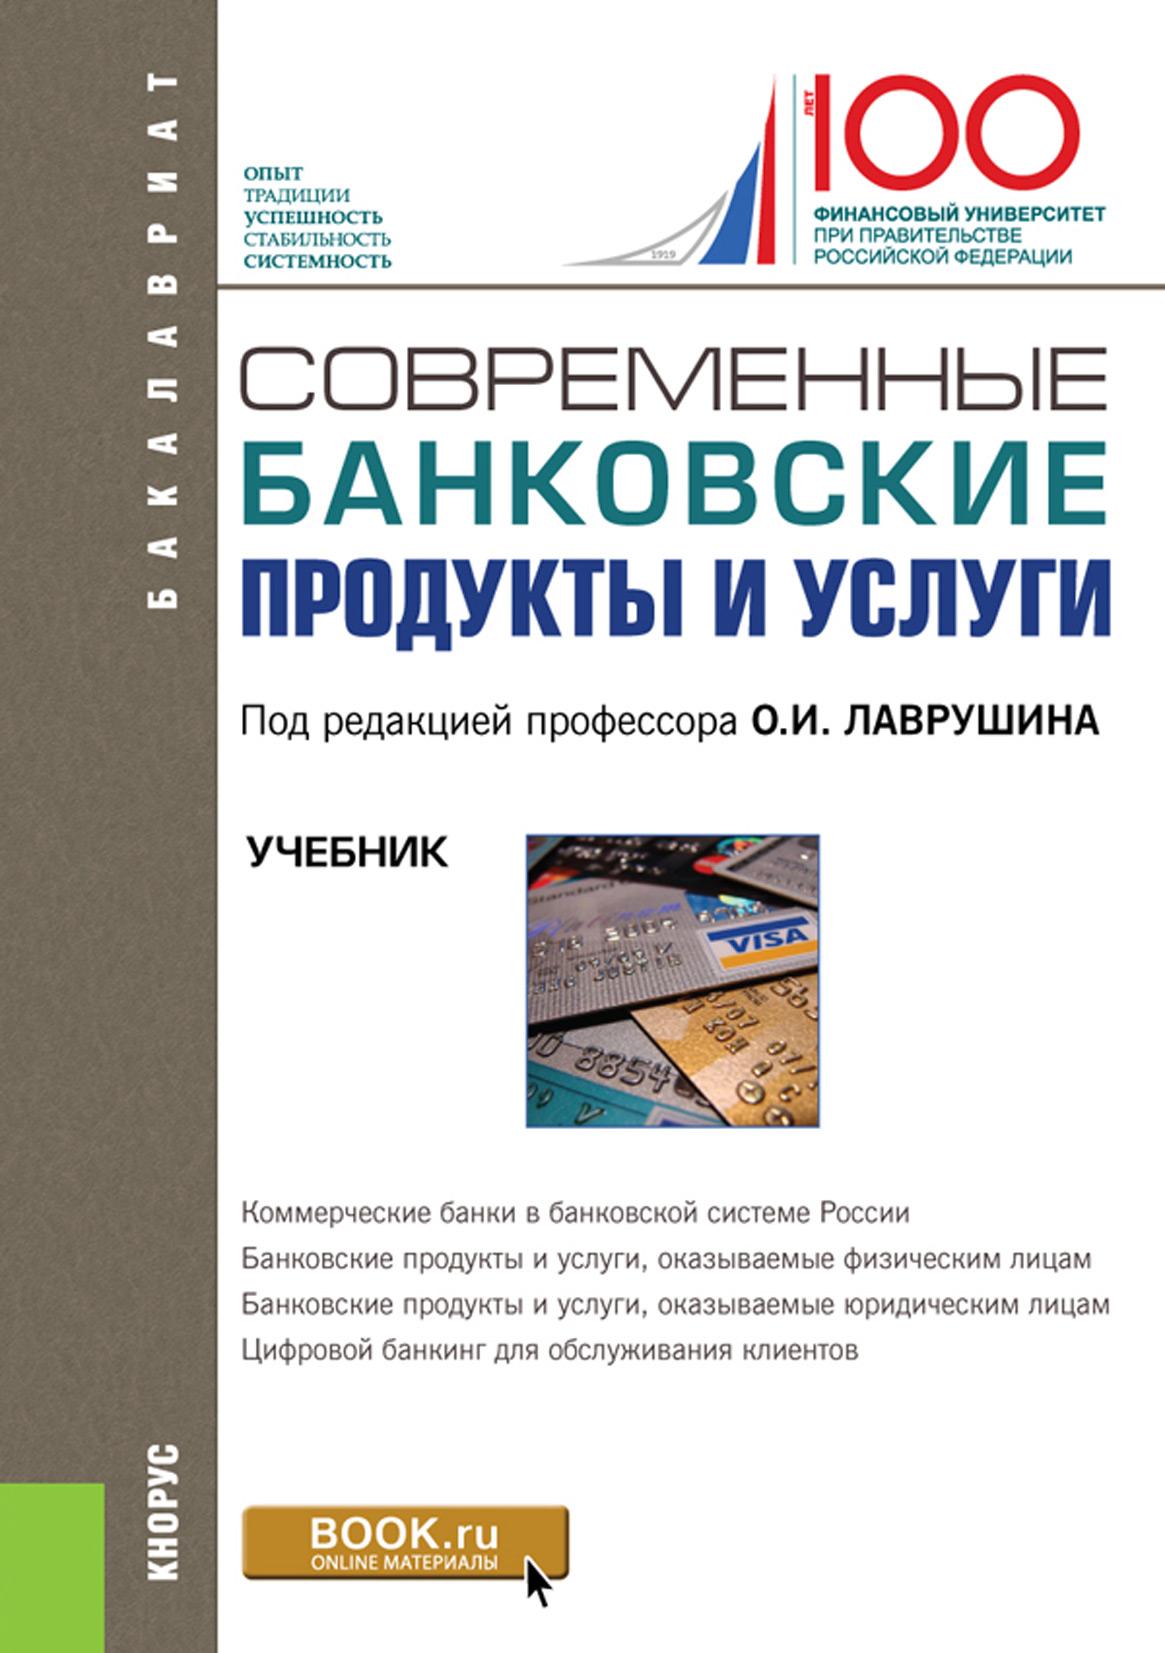 Коллектив авторов Современные банковские продукты и услуги коллектив авторов инновационные центры высоких технологий в машиностроении